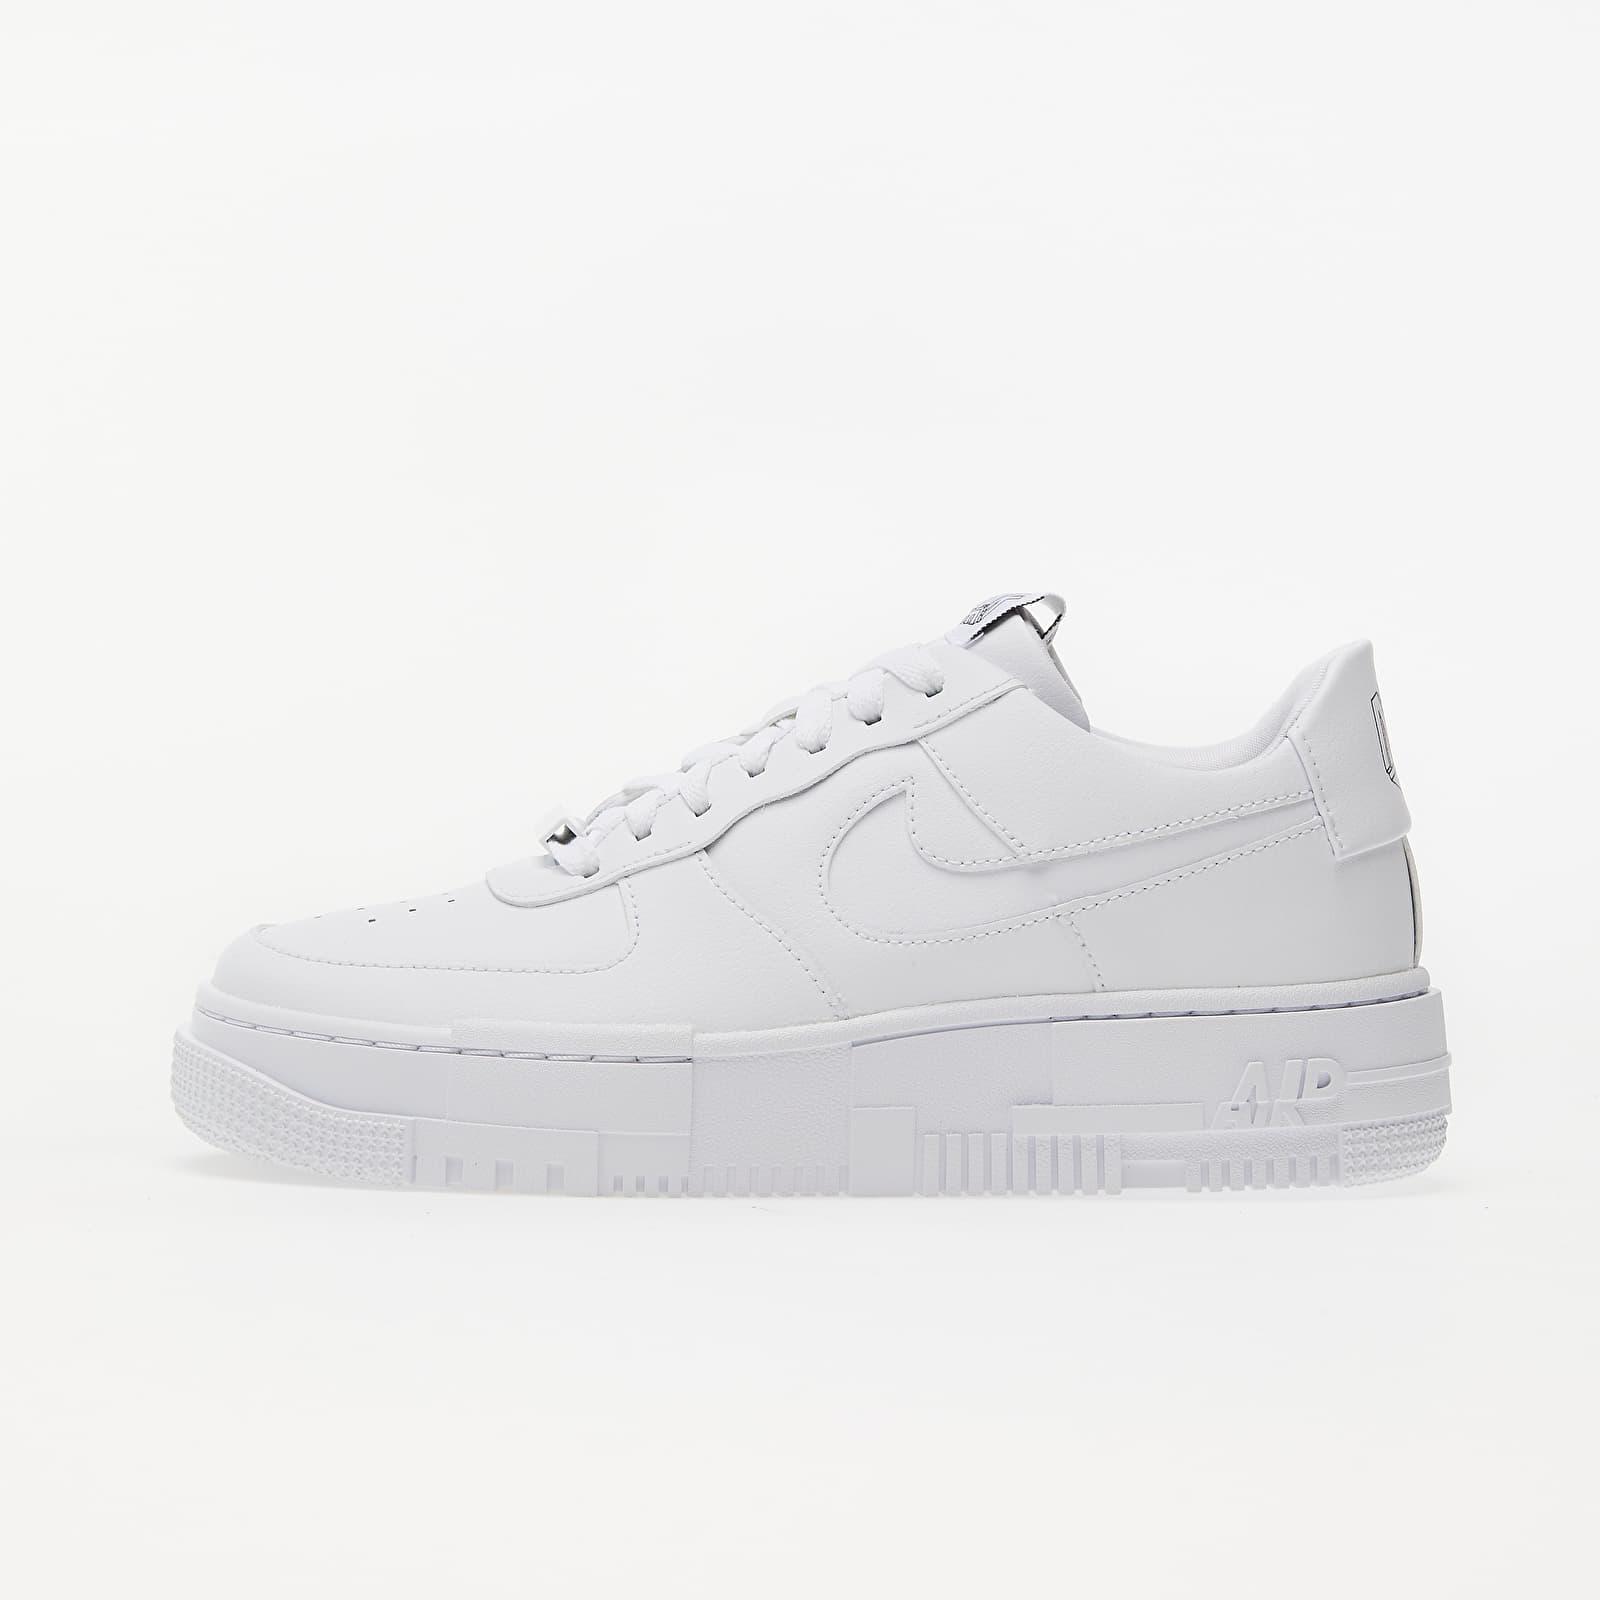 Încălțăminte și sneakerși pentru femei Nike W Air Force 1 Pixel White/ White-Black-Sail